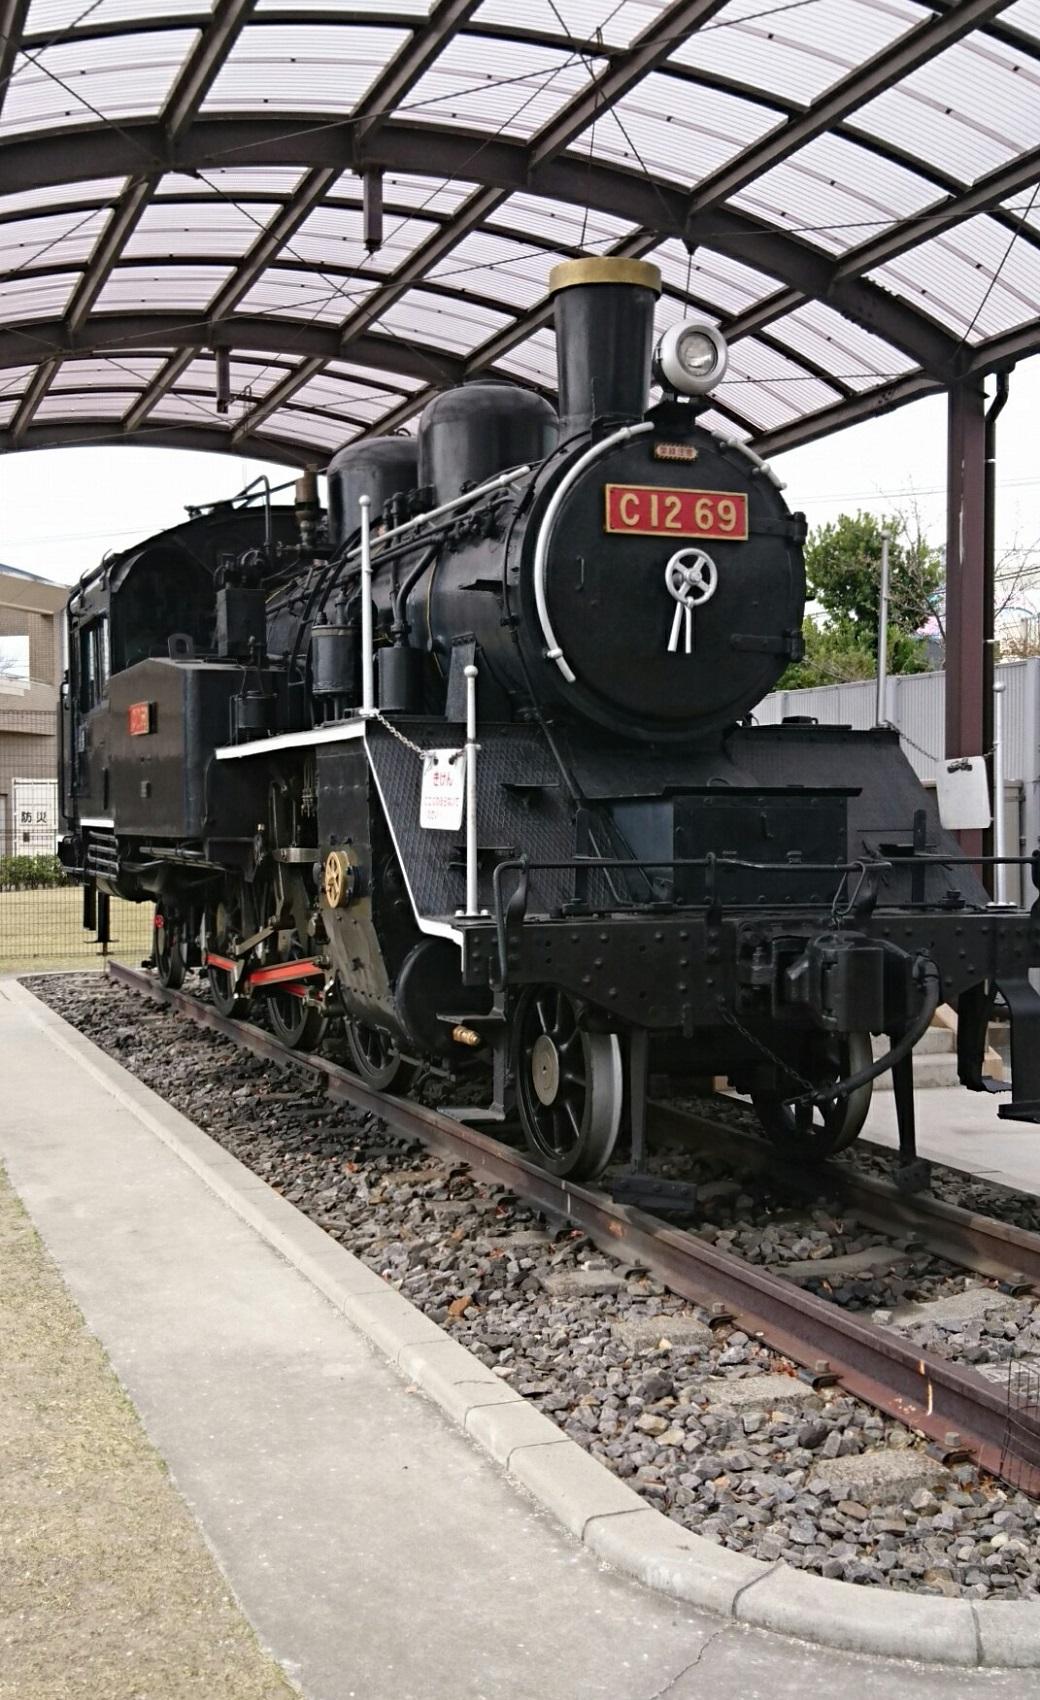 2019.3.28 (10) あんじょうし - 蒸気機関車C12-69(ななめまえ) 1040-1700